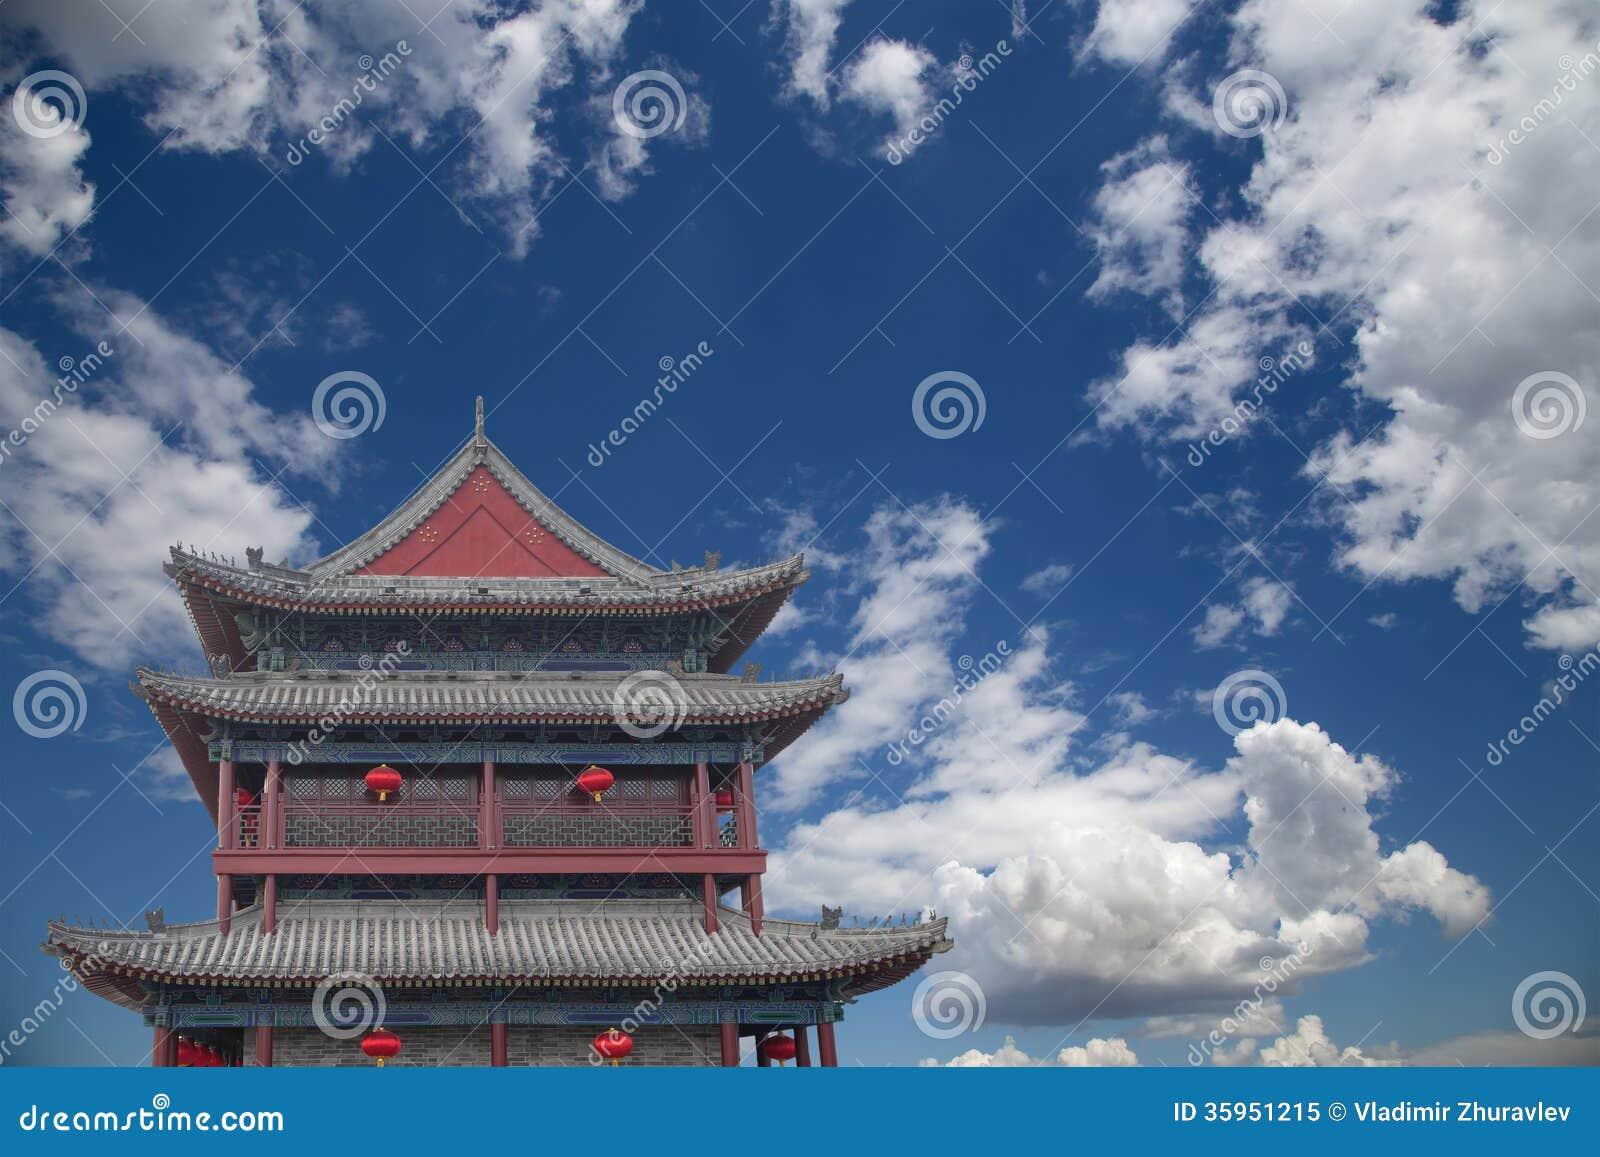 Fortalecimientos de Xian (Sian, Xi an) una capital antigua de China